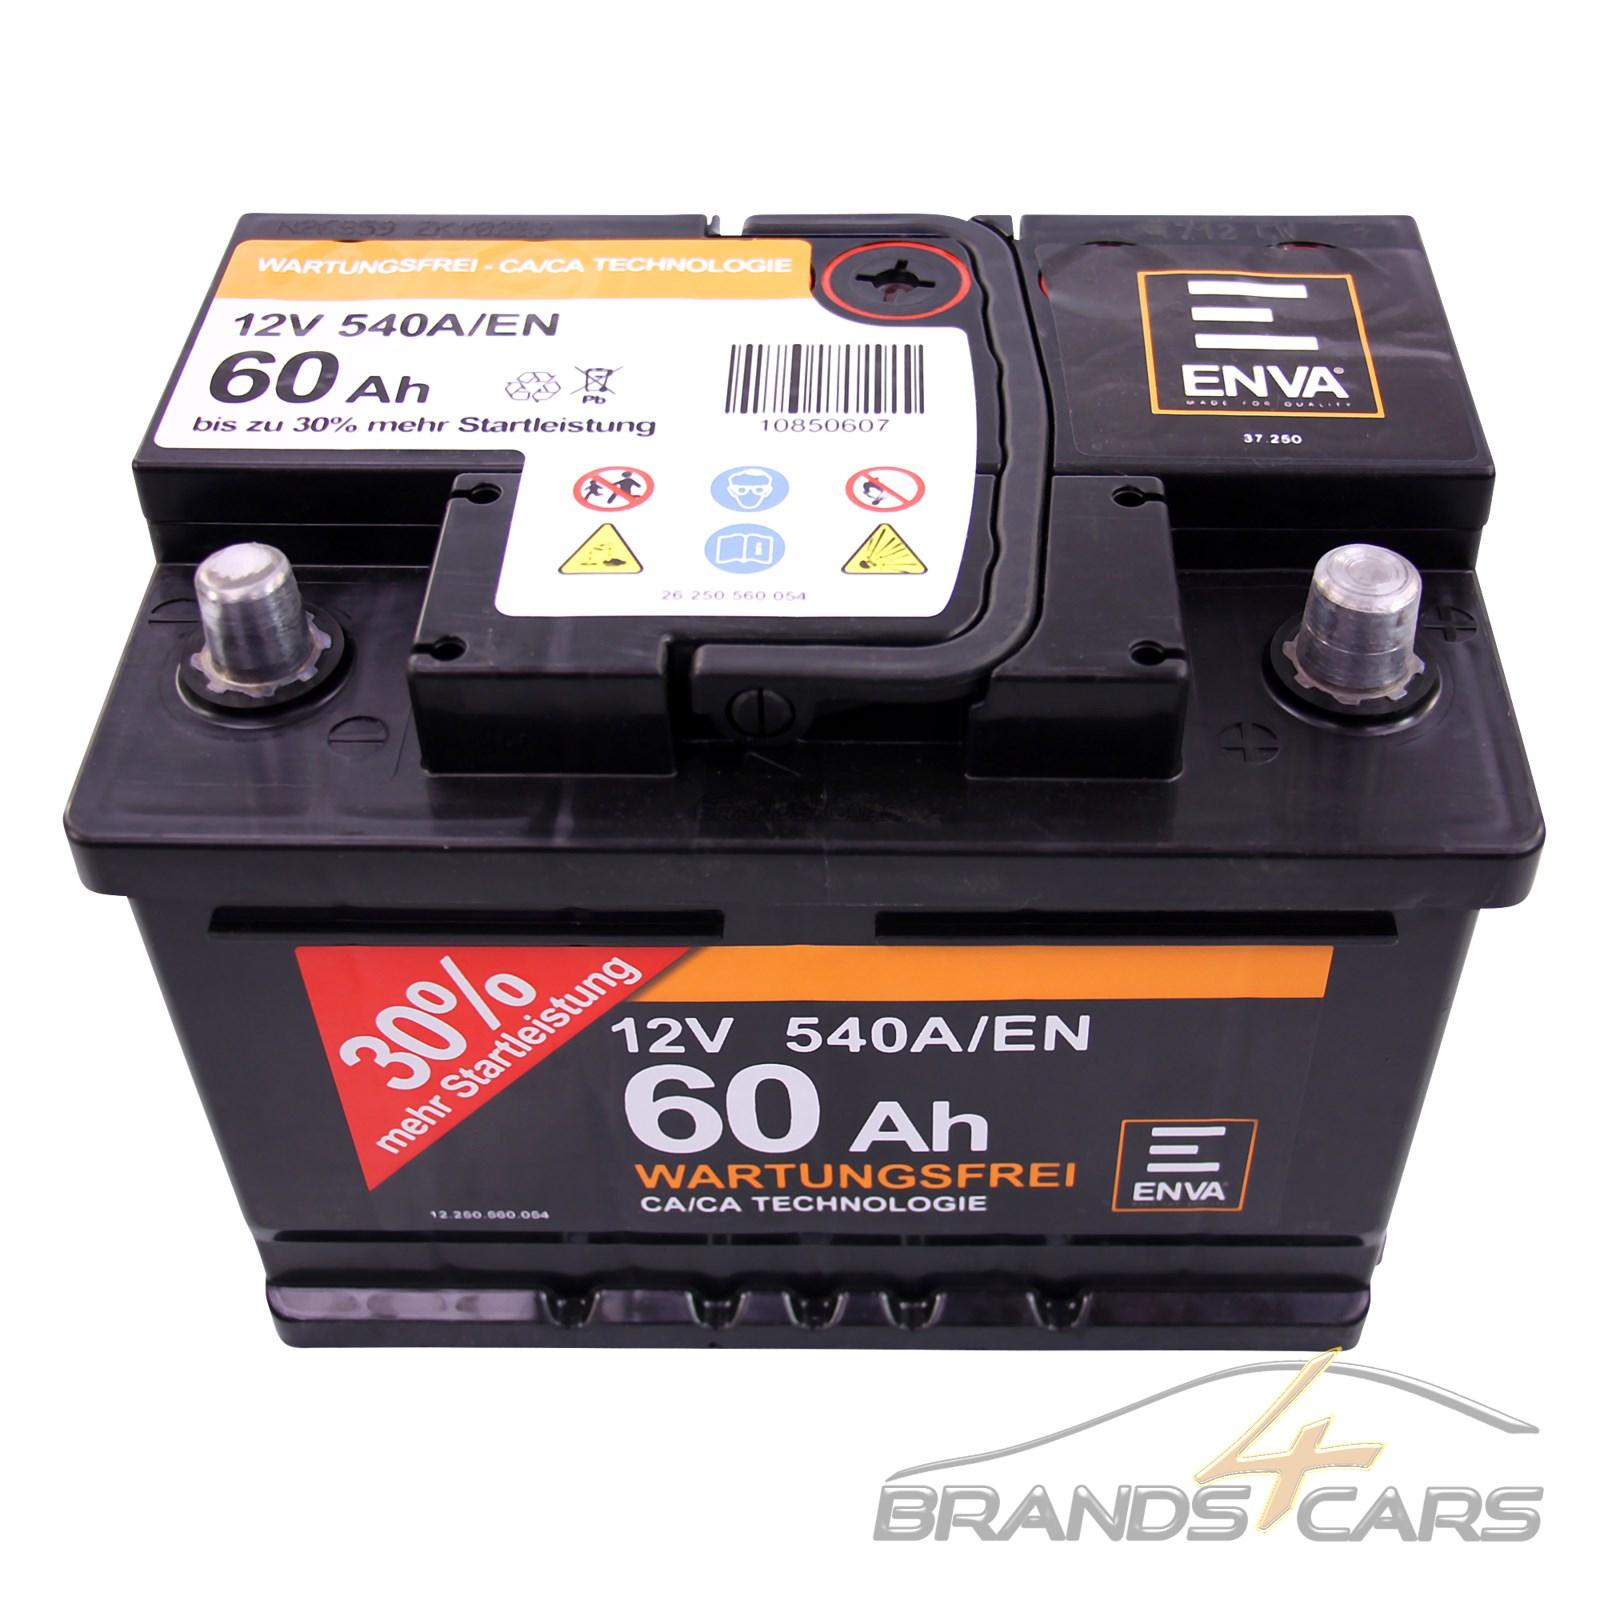 enva 60ah 540a 12v autobatterie starterbatterie batterie. Black Bedroom Furniture Sets. Home Design Ideas